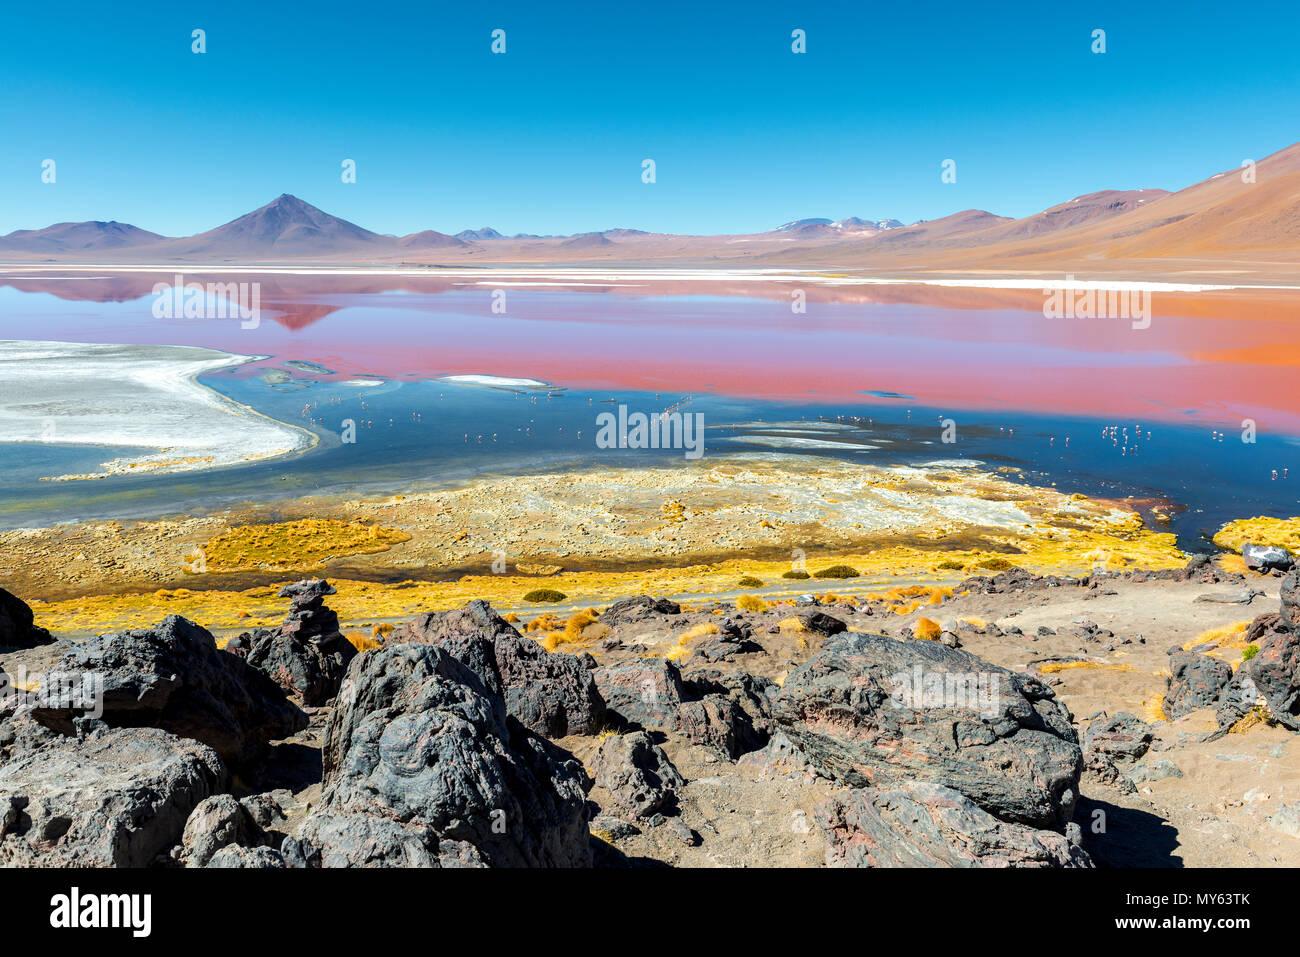 Landschaft der Laguna Colorada oder Rote Lagune in der Uyuni Salzsee region, Bolivien, Südamerika. Die roten Farben sind durch Algen und Sedimente. Stockbild